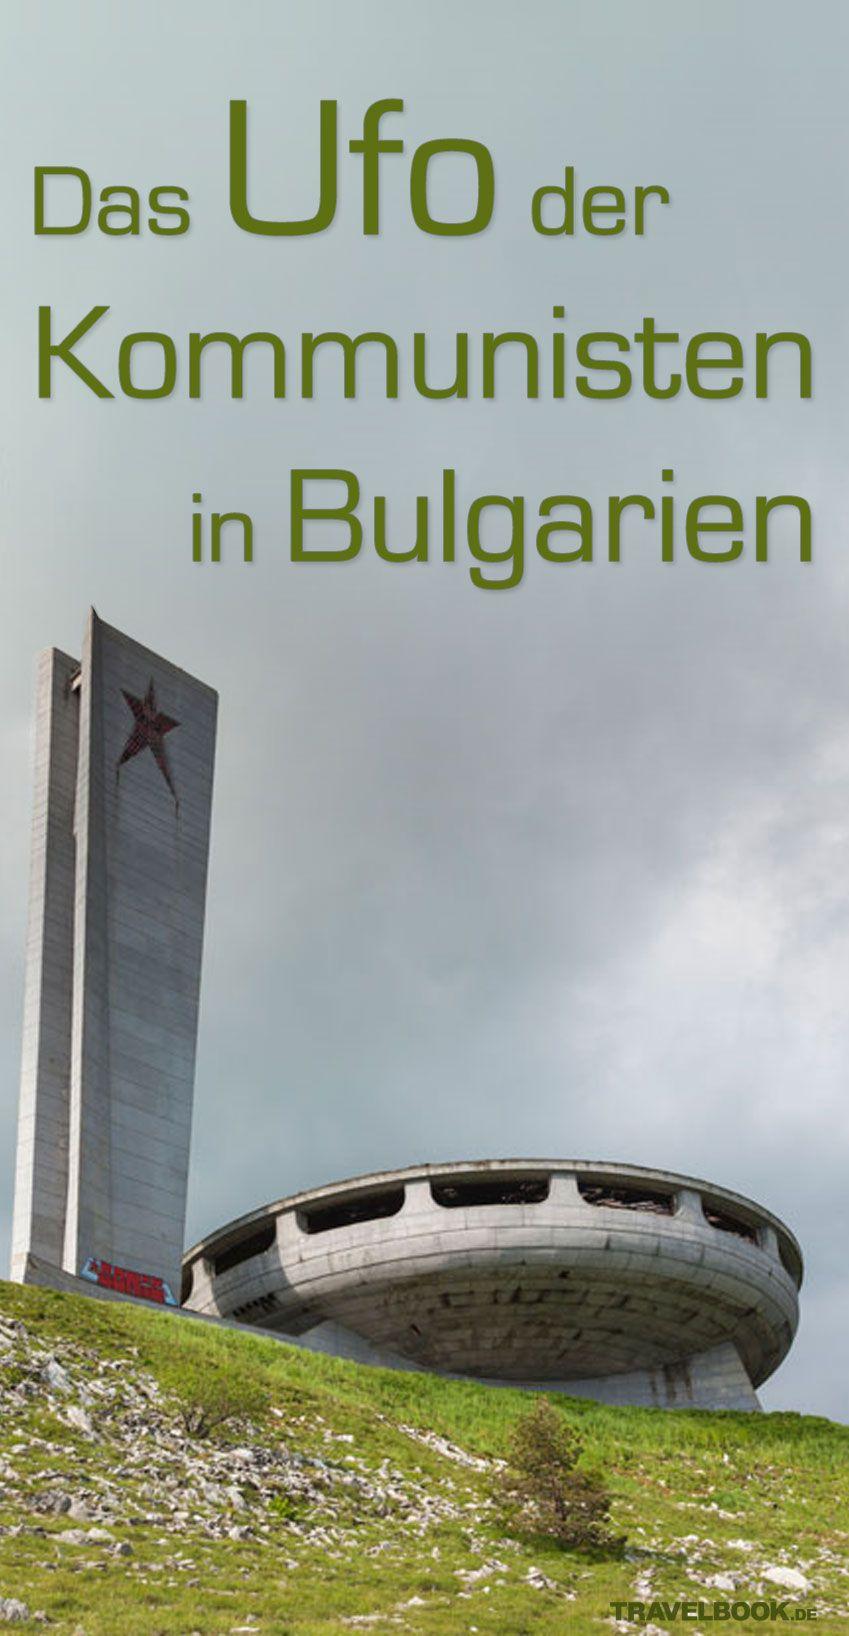 Es ist ein bizarrer Bau, der auf einem Berg mitten in Bulgarien steht: ein kommunistisches Denkmal, das 1981 zur 1300-Jahr-Feier der bulgarischen Staatsgründung eröffnet und nur acht Jahre genutzt wurde. Heute ist der Zutritt zwar verboten, aber wer will, kommt dennoch hinein – und sieht dem Kommunismus beim Zerbröseln zu.